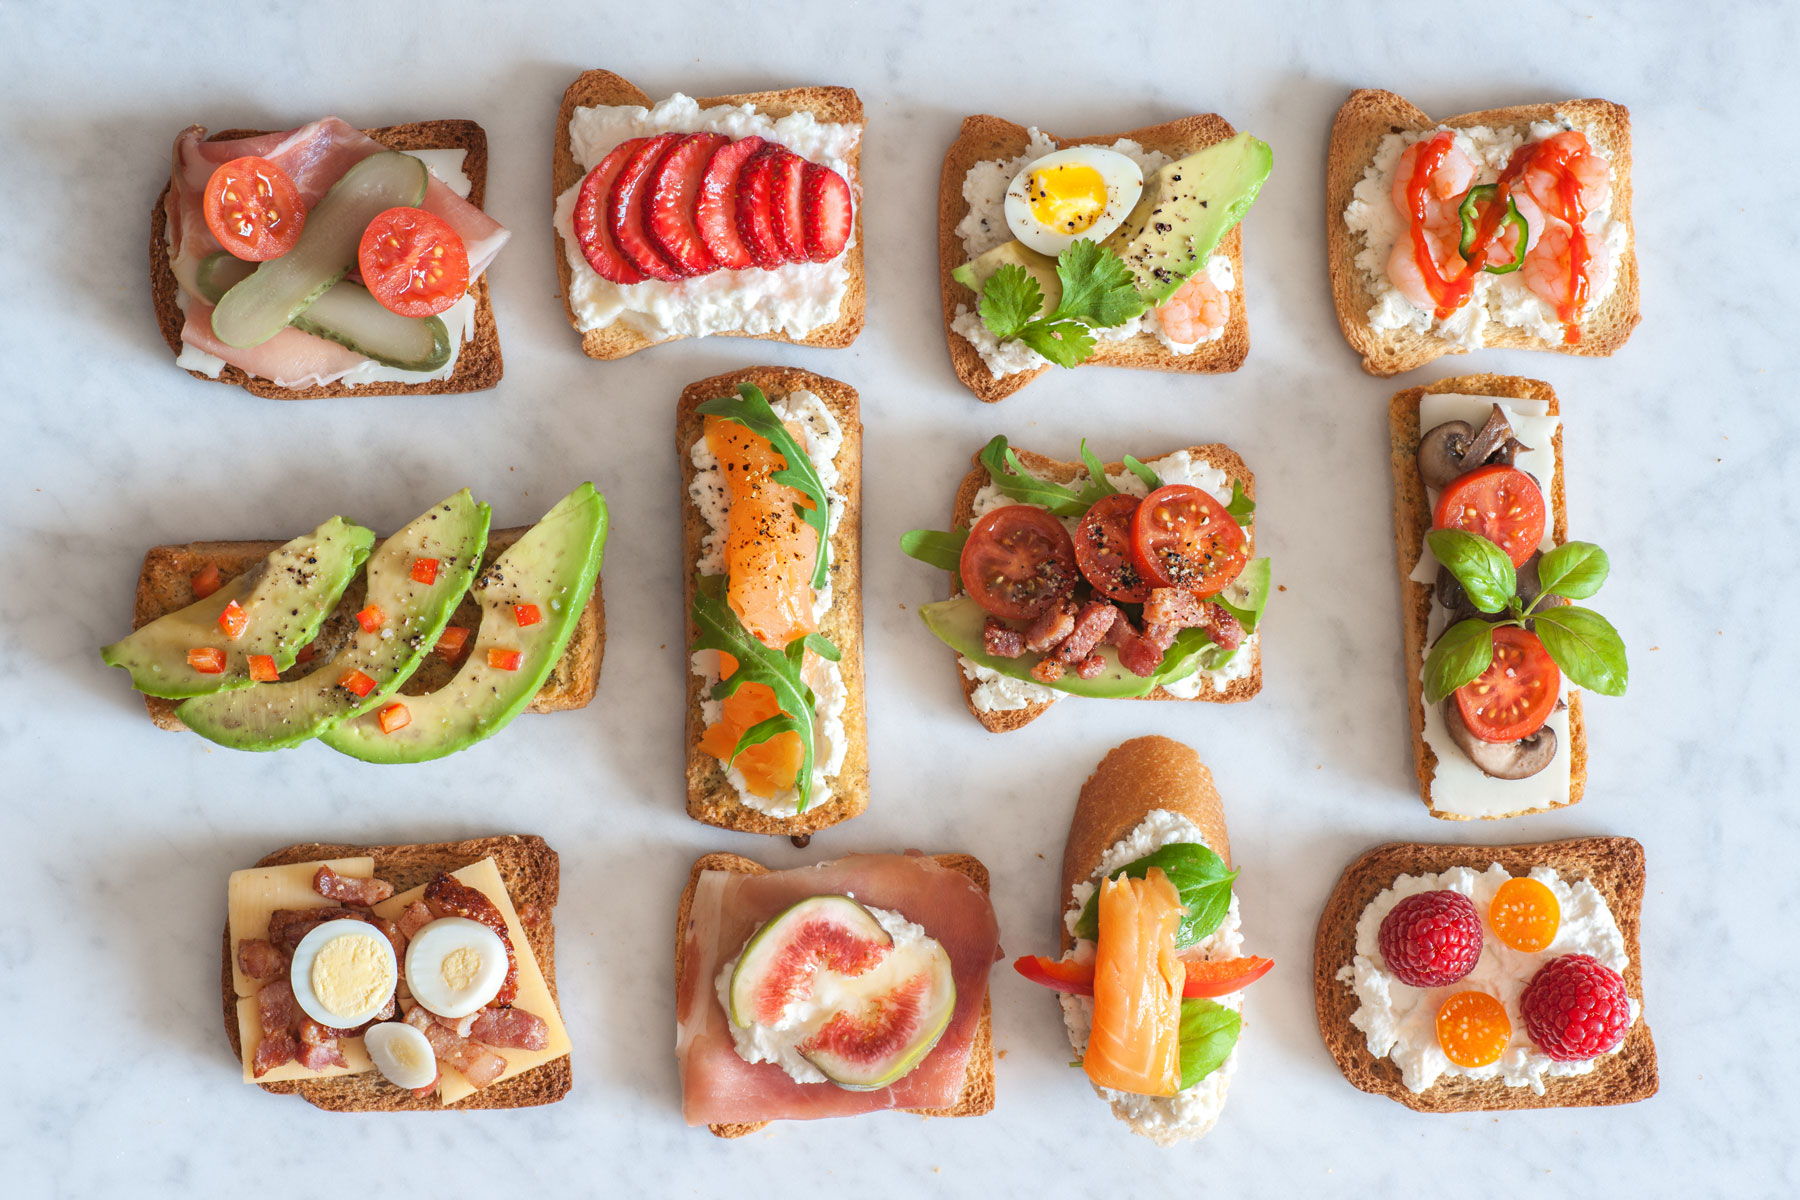 Khi nói đến thực phẩm, người tiêu dùng nhầm lẫn giữa đẹp và khỏe